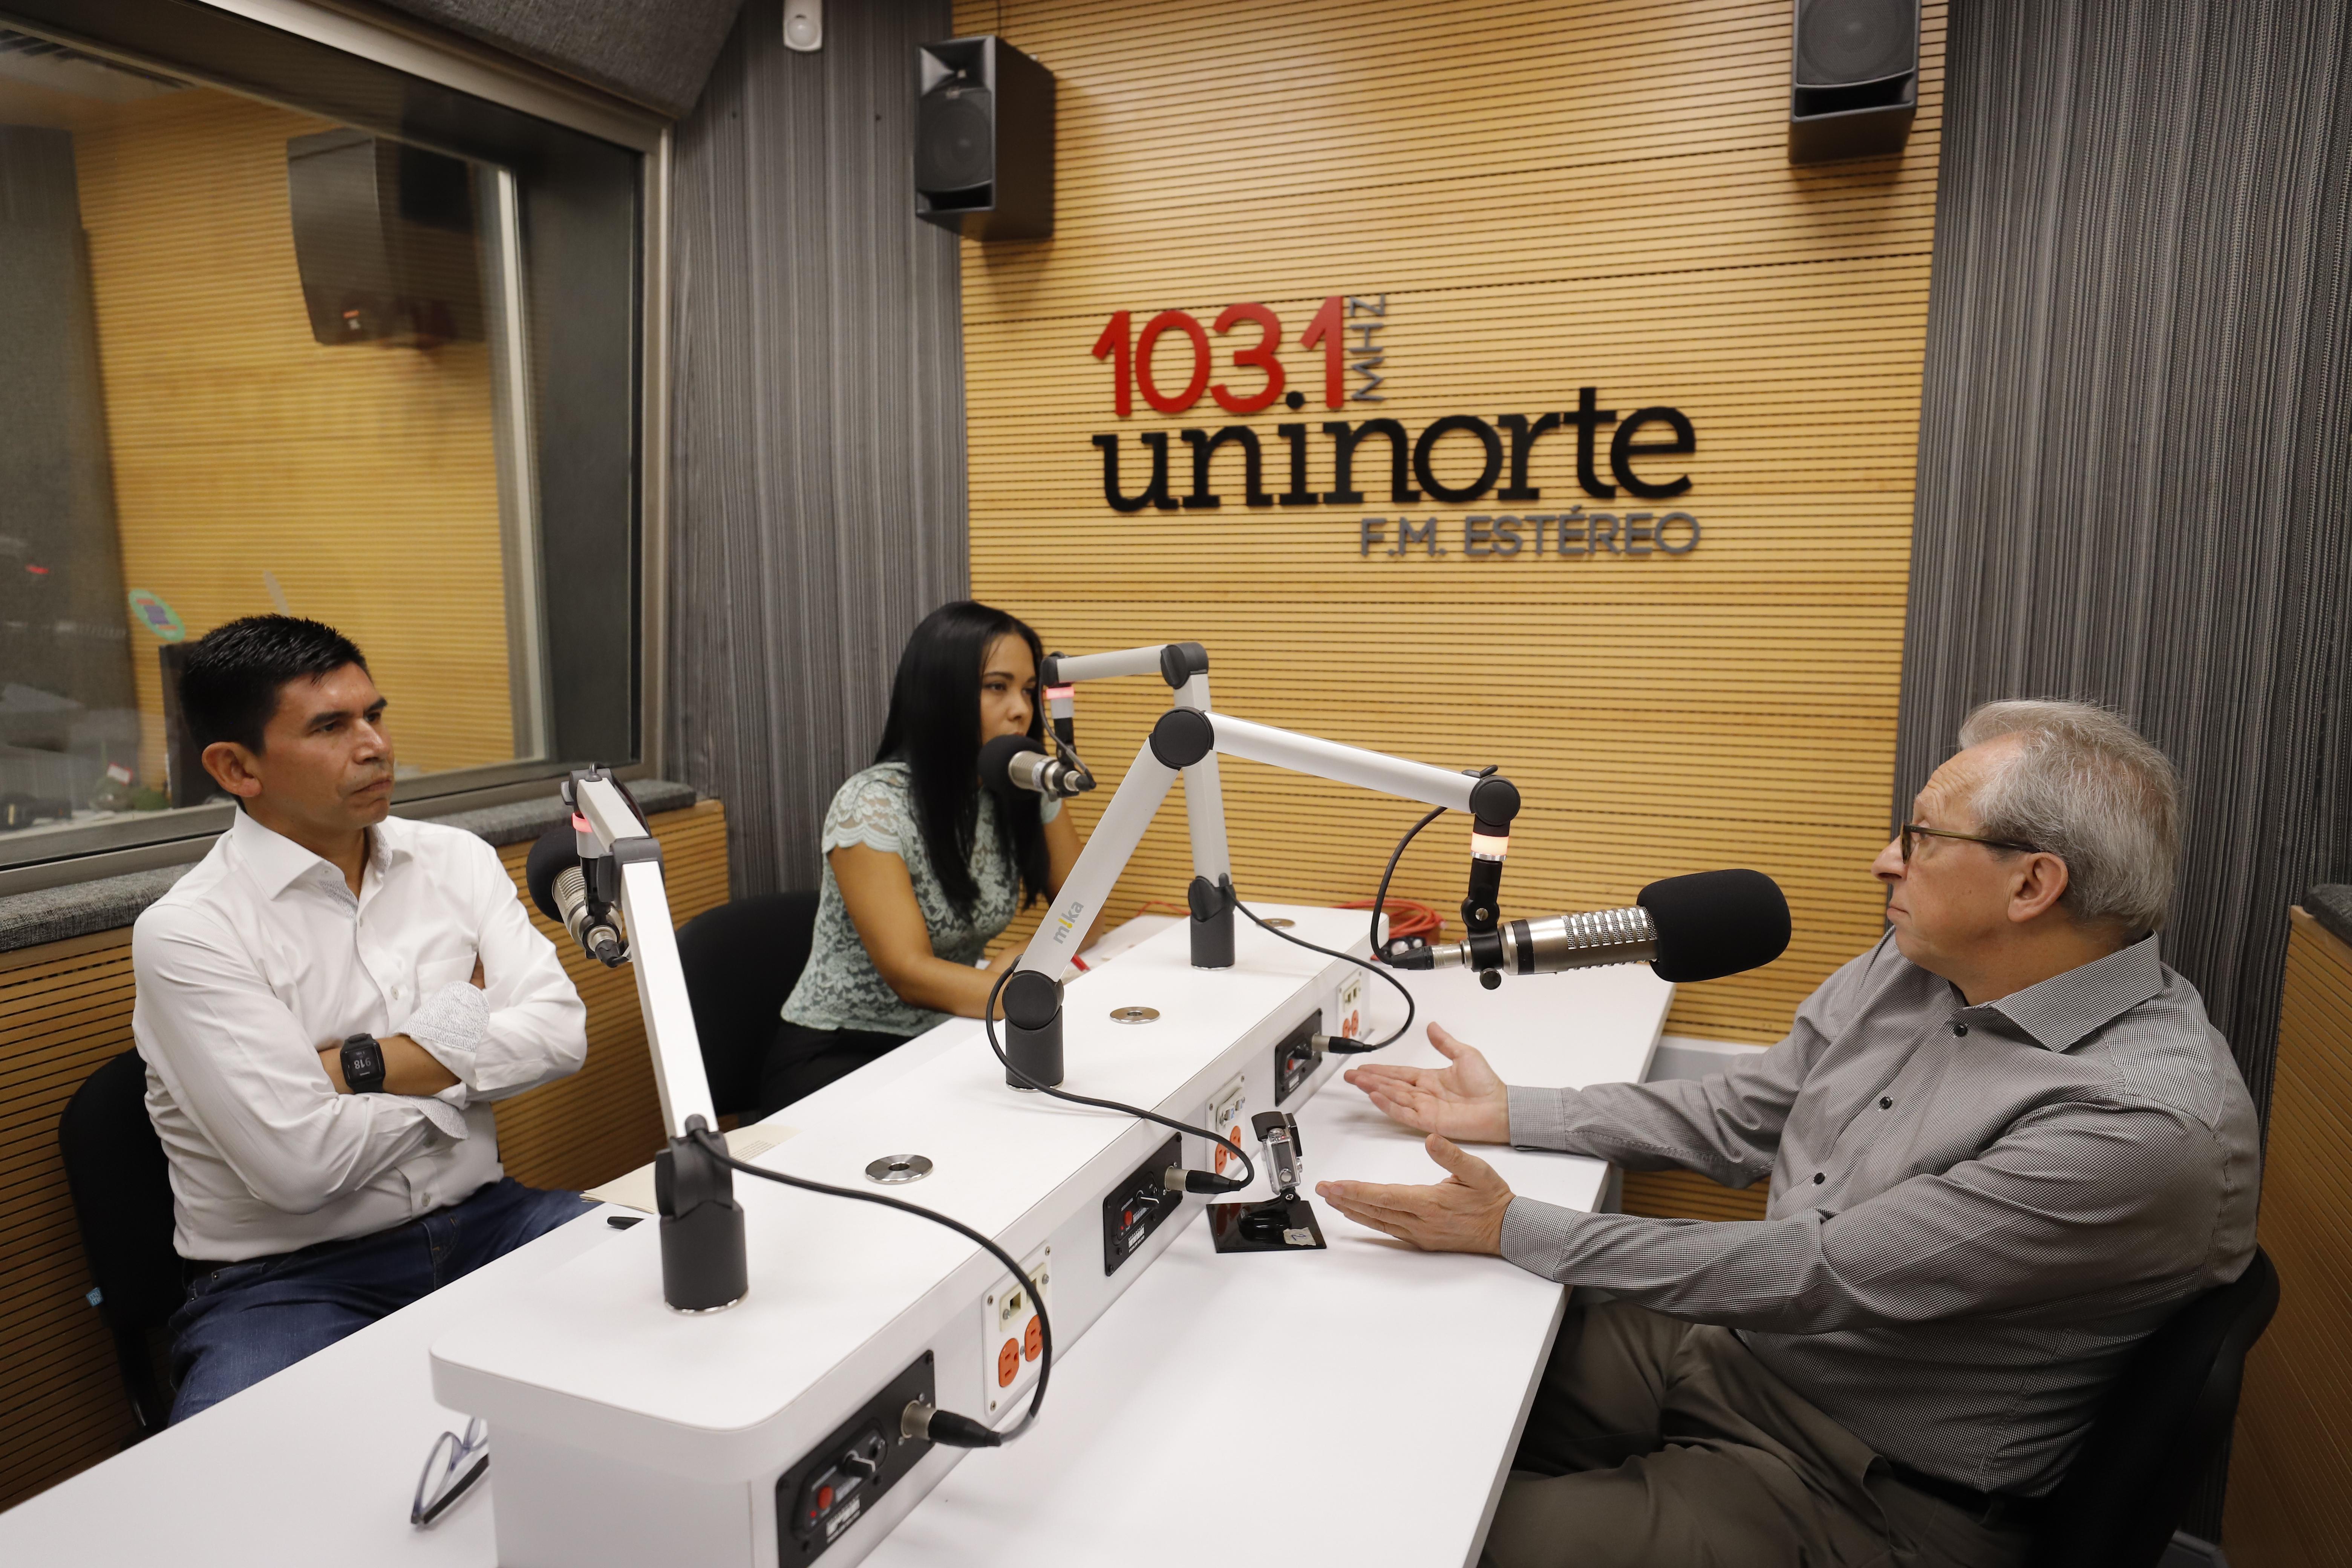 Los profesores de Economía de Uninorte Sandra Rodríguez y Juan Ricardo Perilla dirigieron la entrevista a Eduardo Lora.